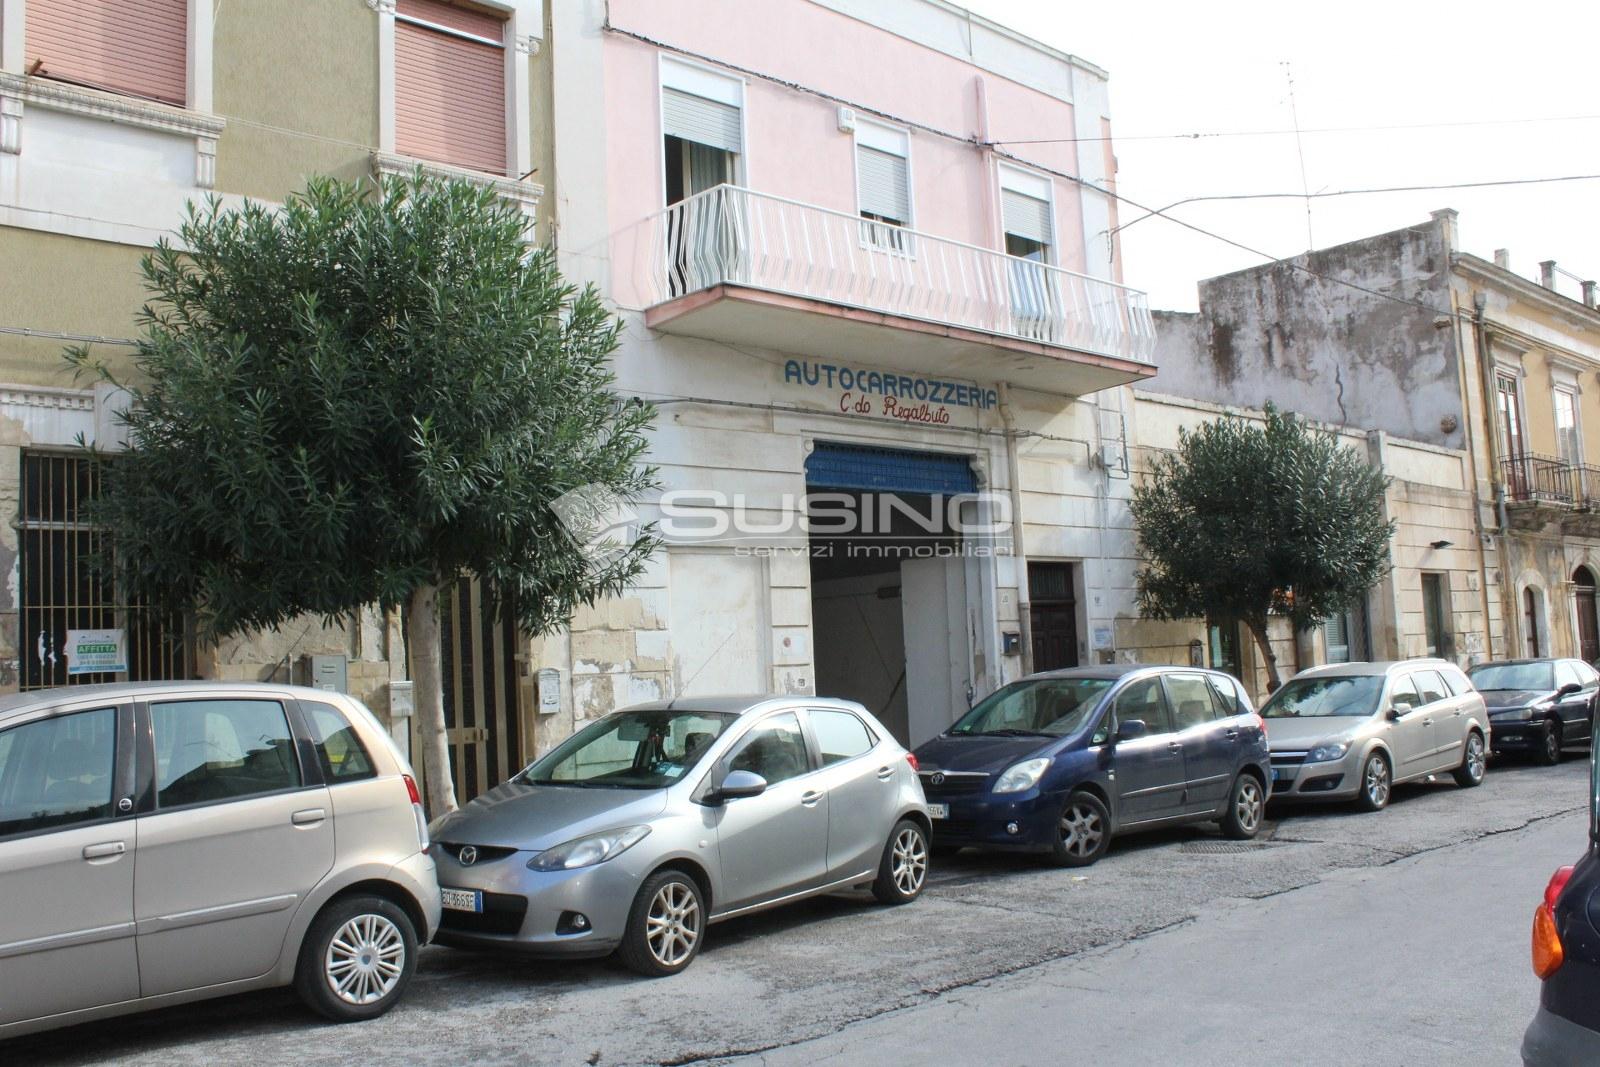 Magazzino in vendita a Siracusa, 9999 locali, zona Zona: Borgata, prezzo € 75.000 | Cambio Casa.it